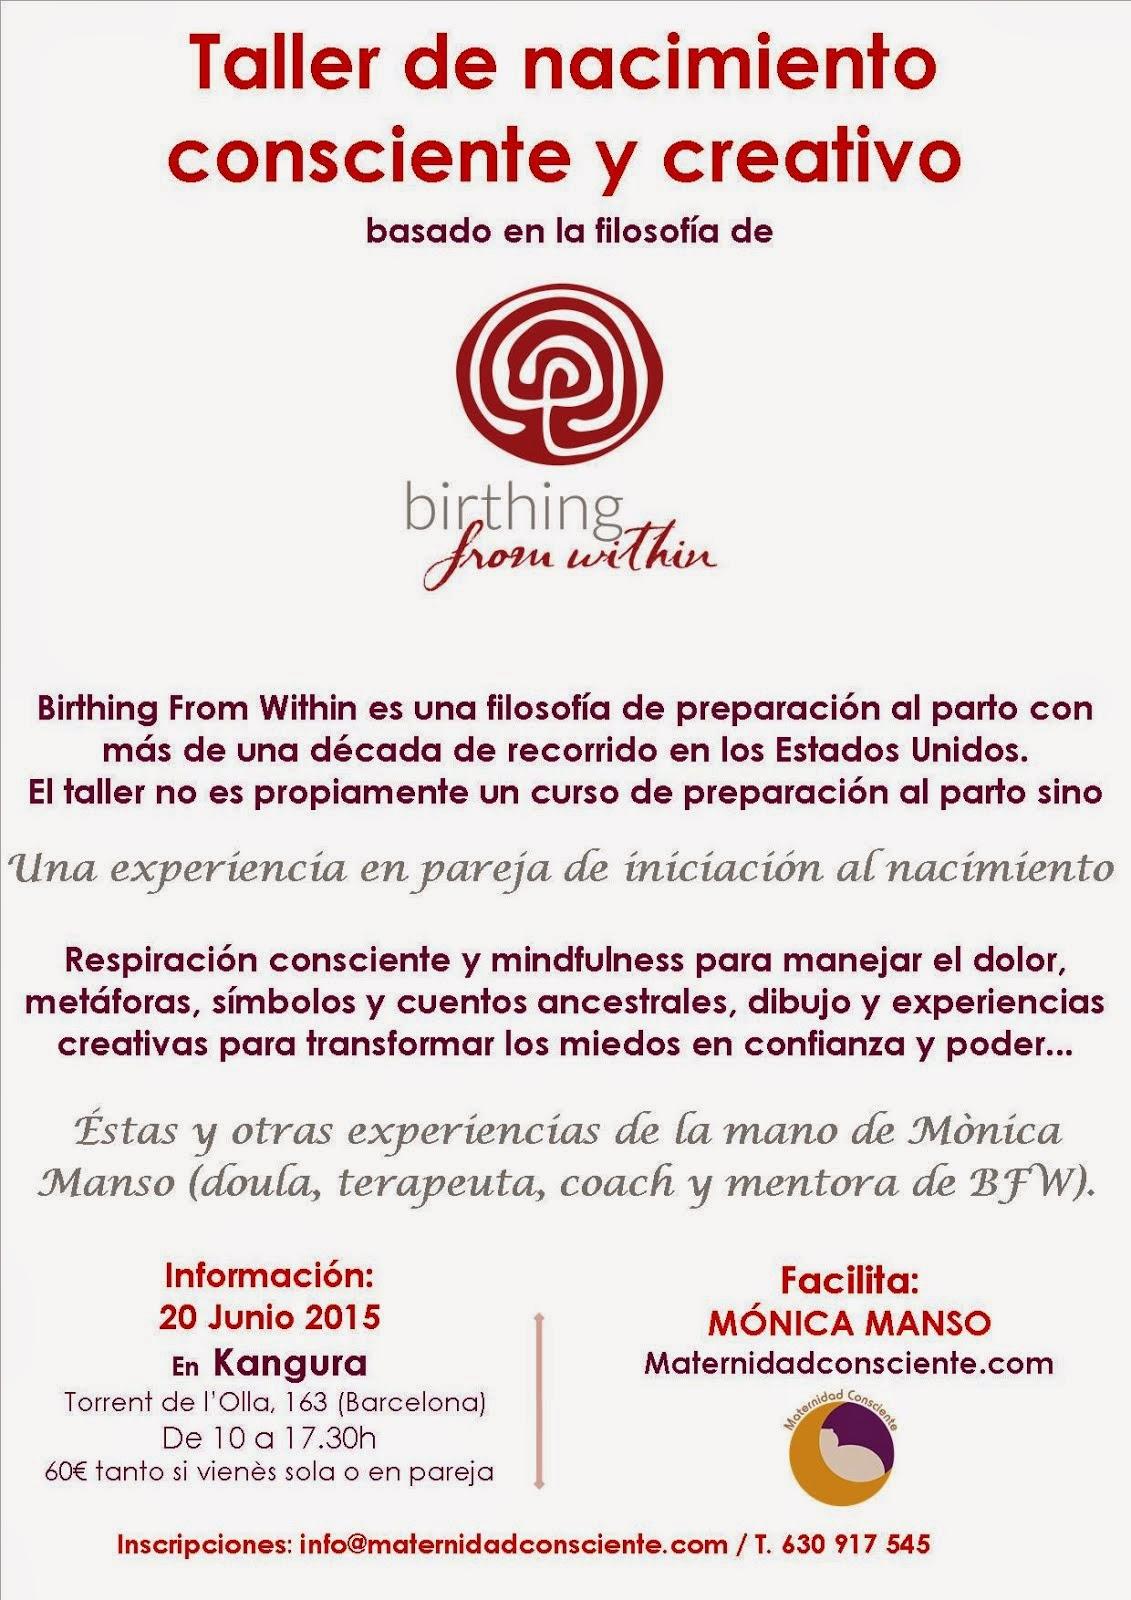 Taller de nacimiento consciente y creativo · 20/6/2015 (Barcelona)